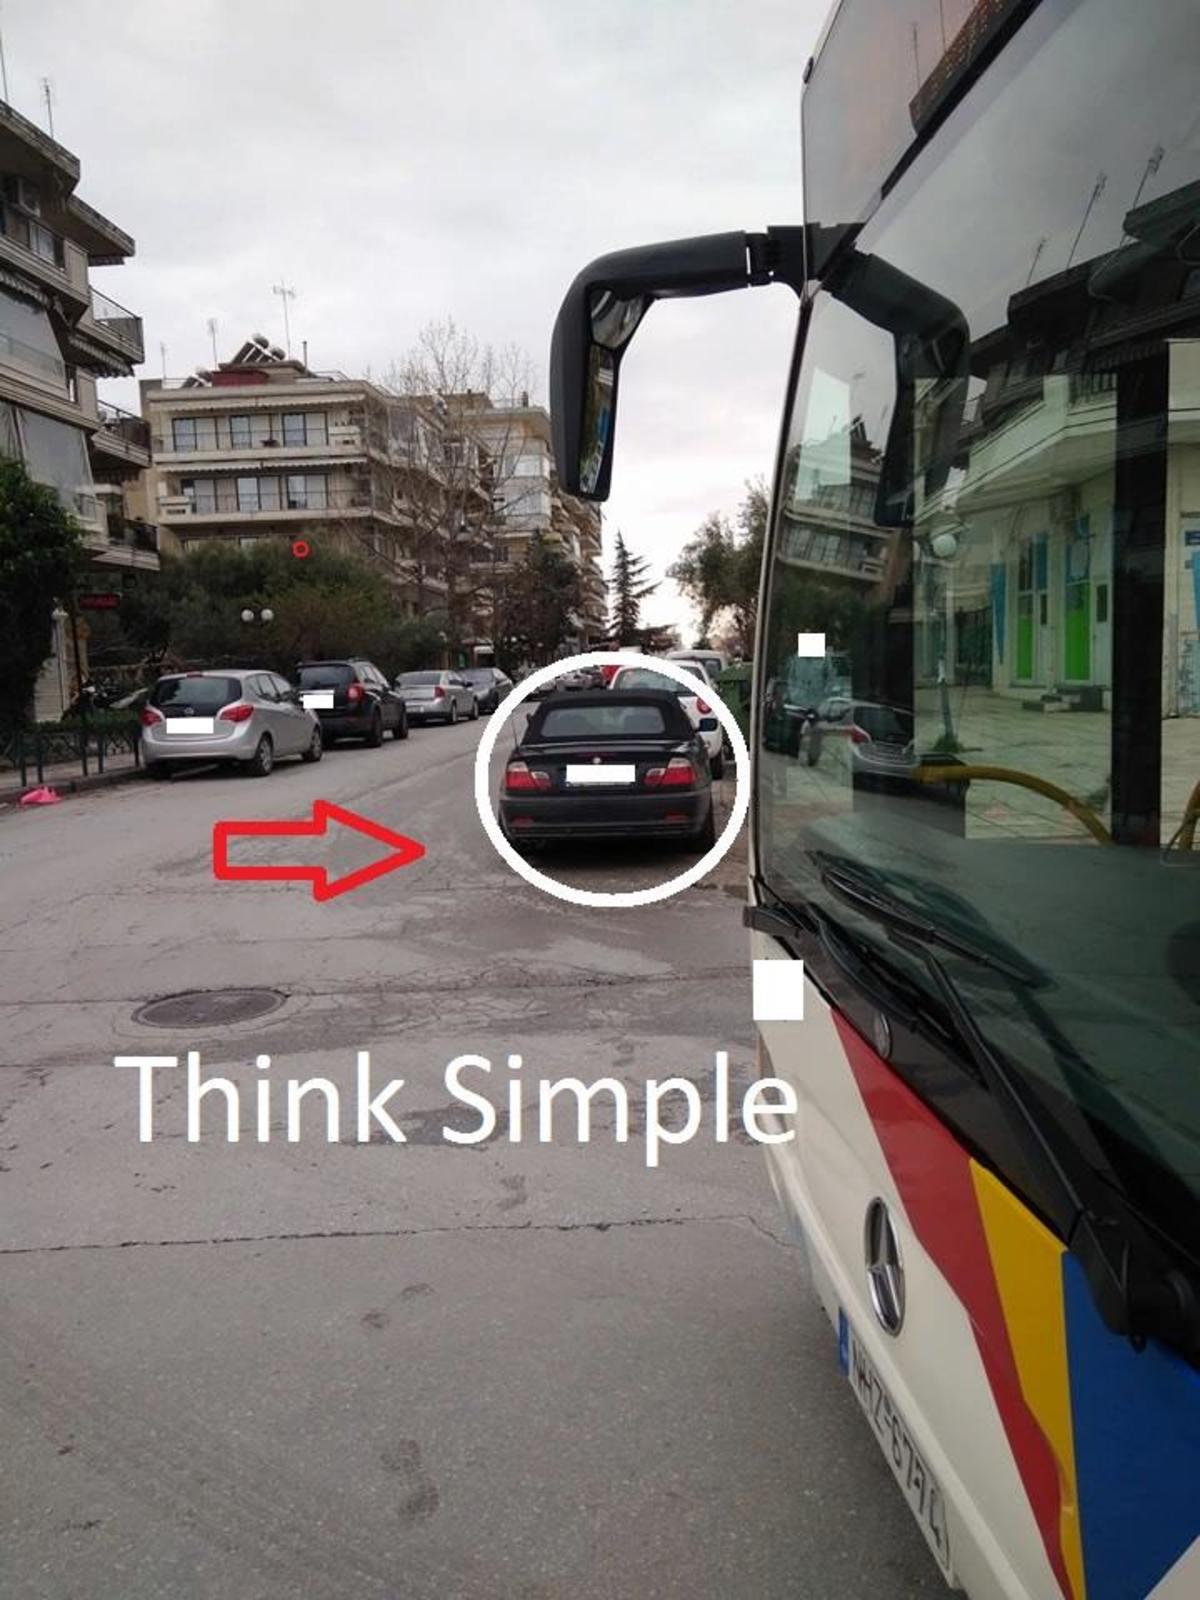 Το παράνομο παρκάρισμα που άφησε χωρίς λεωφορεία μια ολόκληρη περιοχή (ΦΩΤΟ)